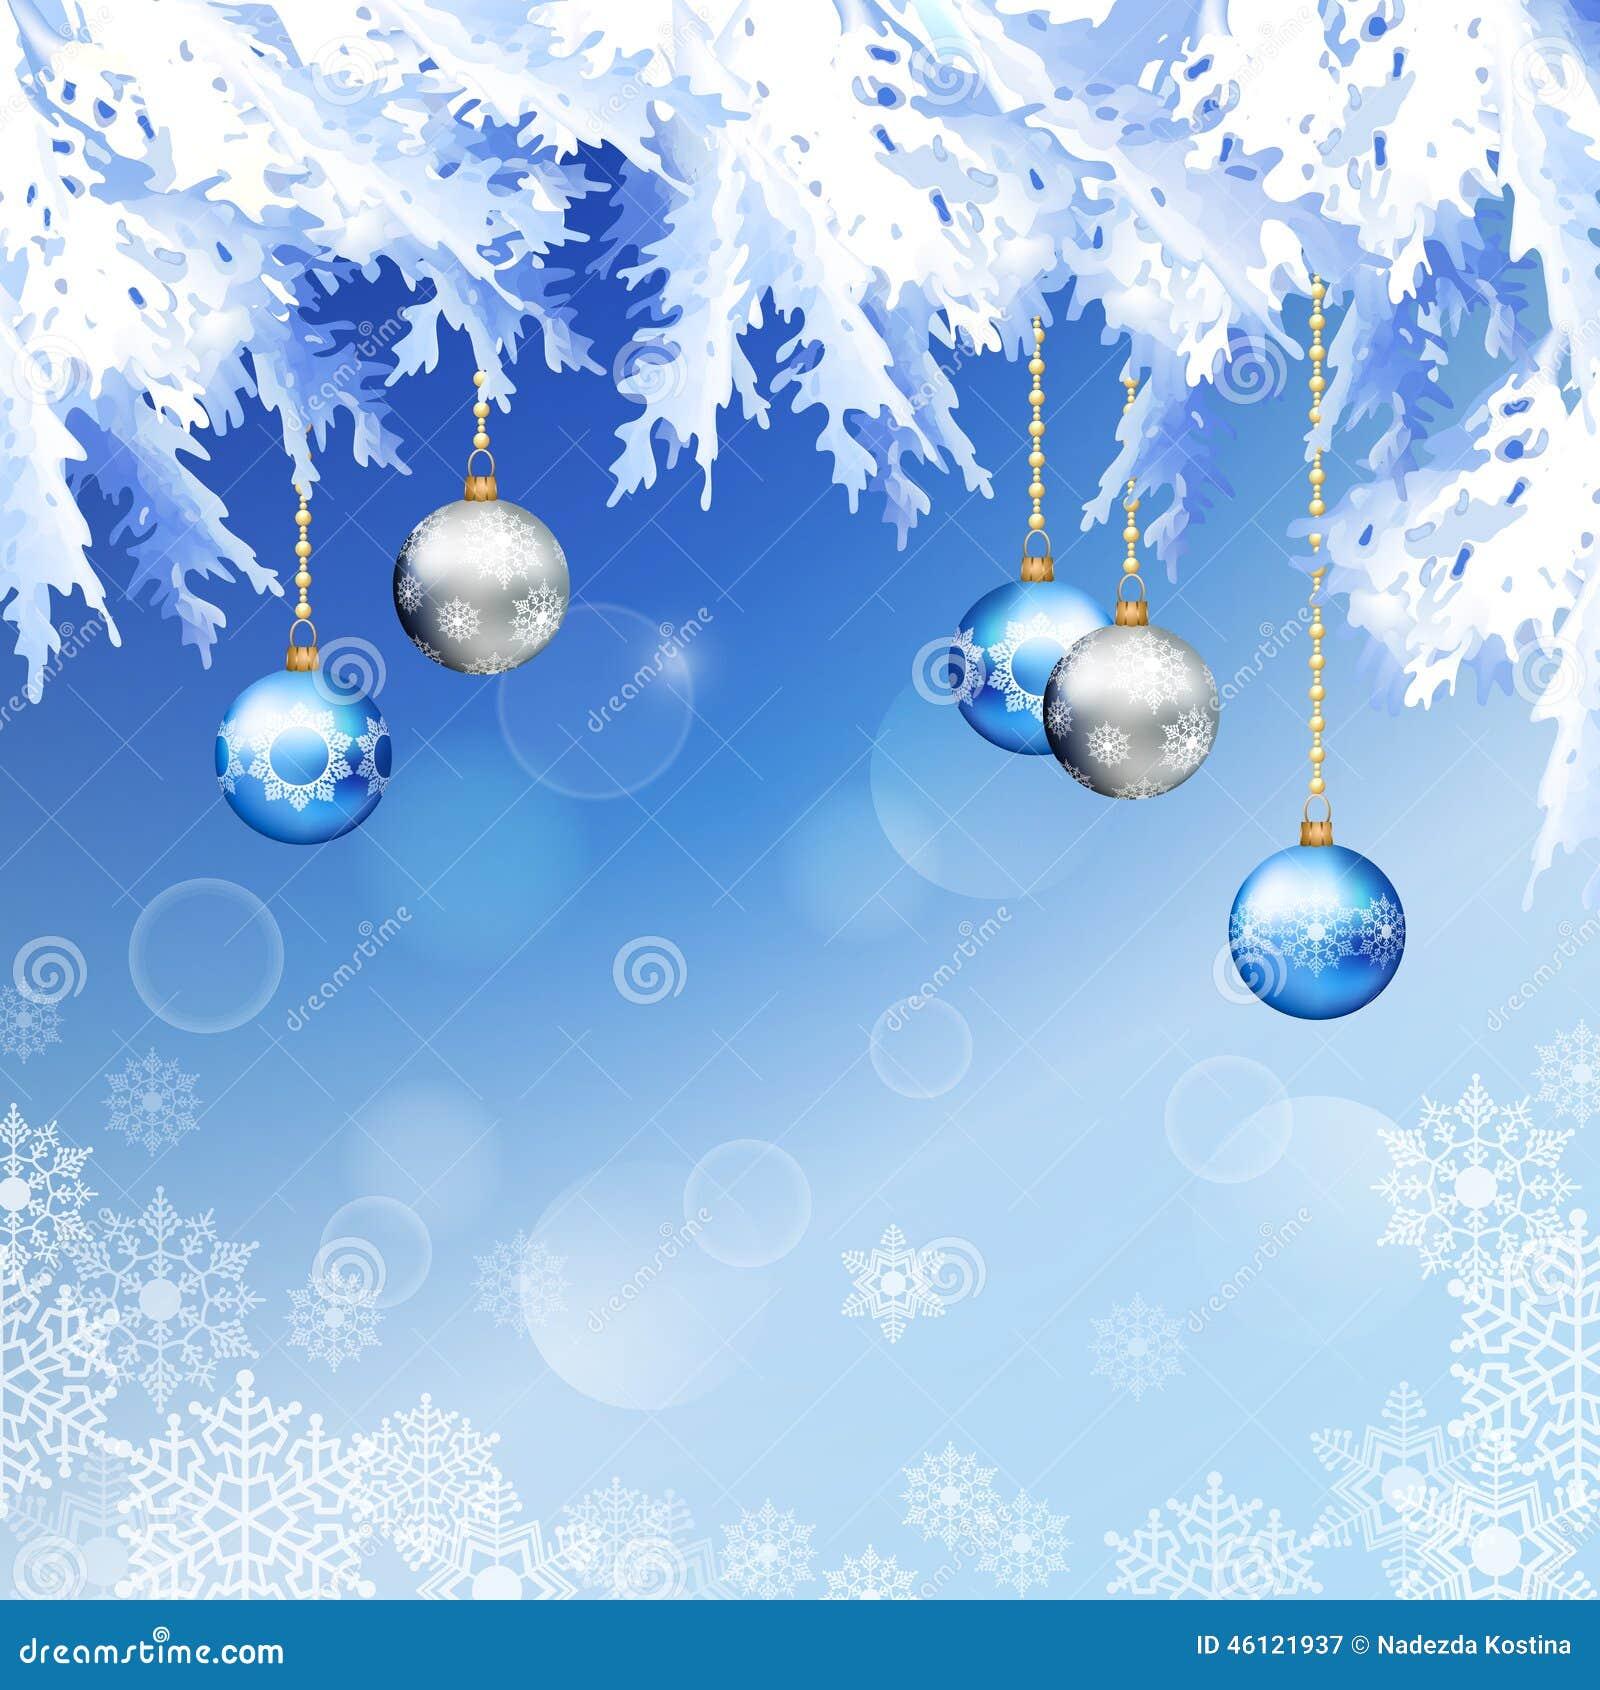 Weihnachtstannen-Baumast-Vektor-Hintergrund